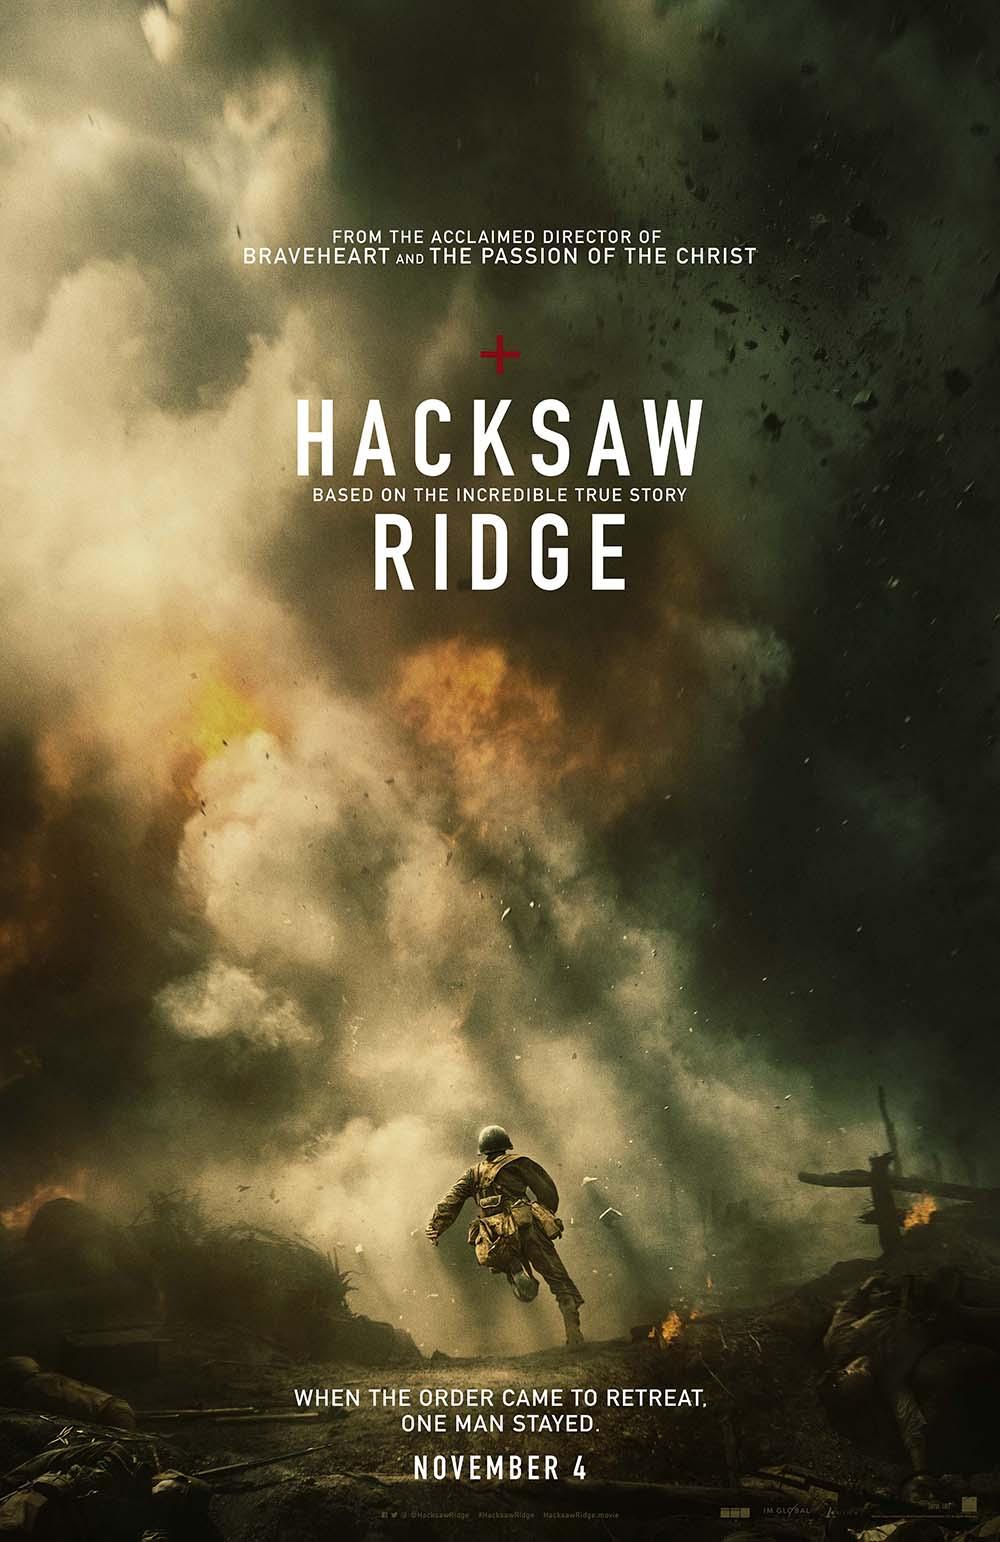 hacksaw-ridge-teaser-poster_sm